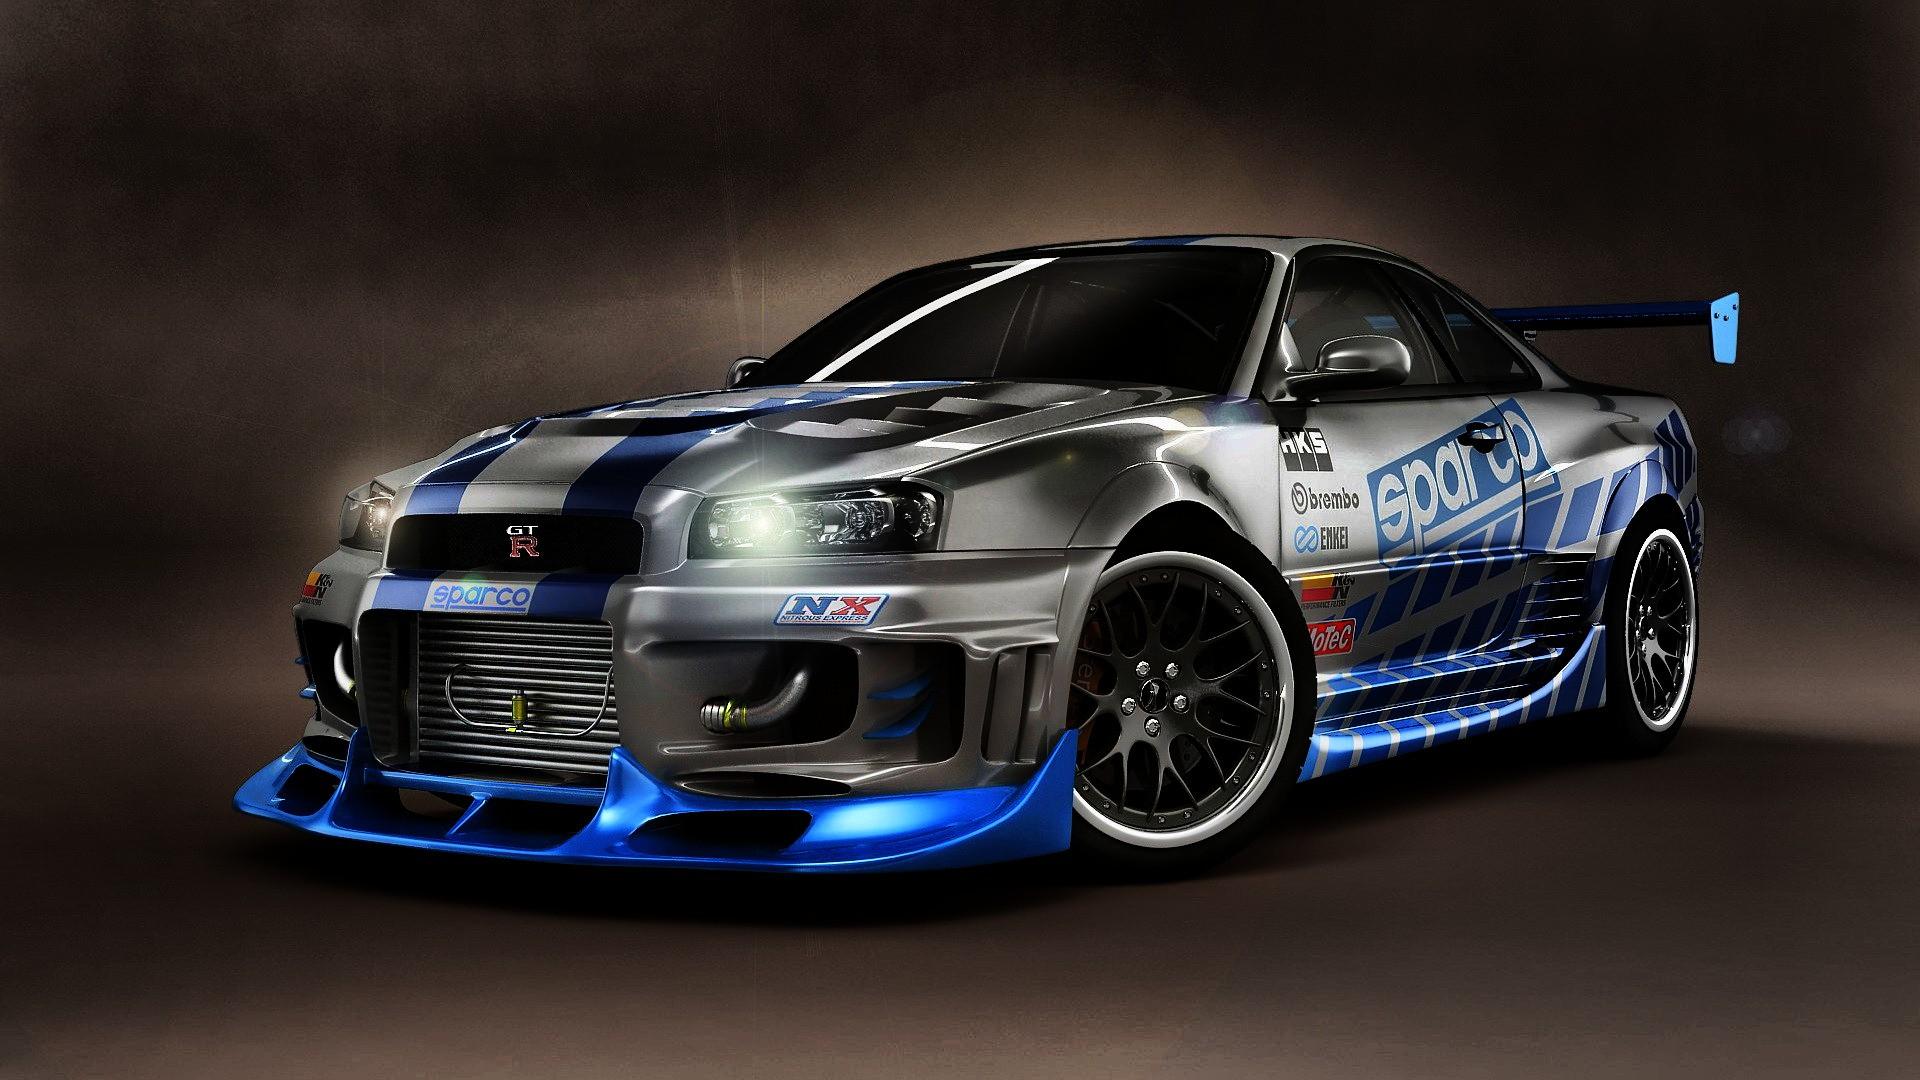 Nissan Skyline gtr Wallpaper-1080p | Car Wallpapers